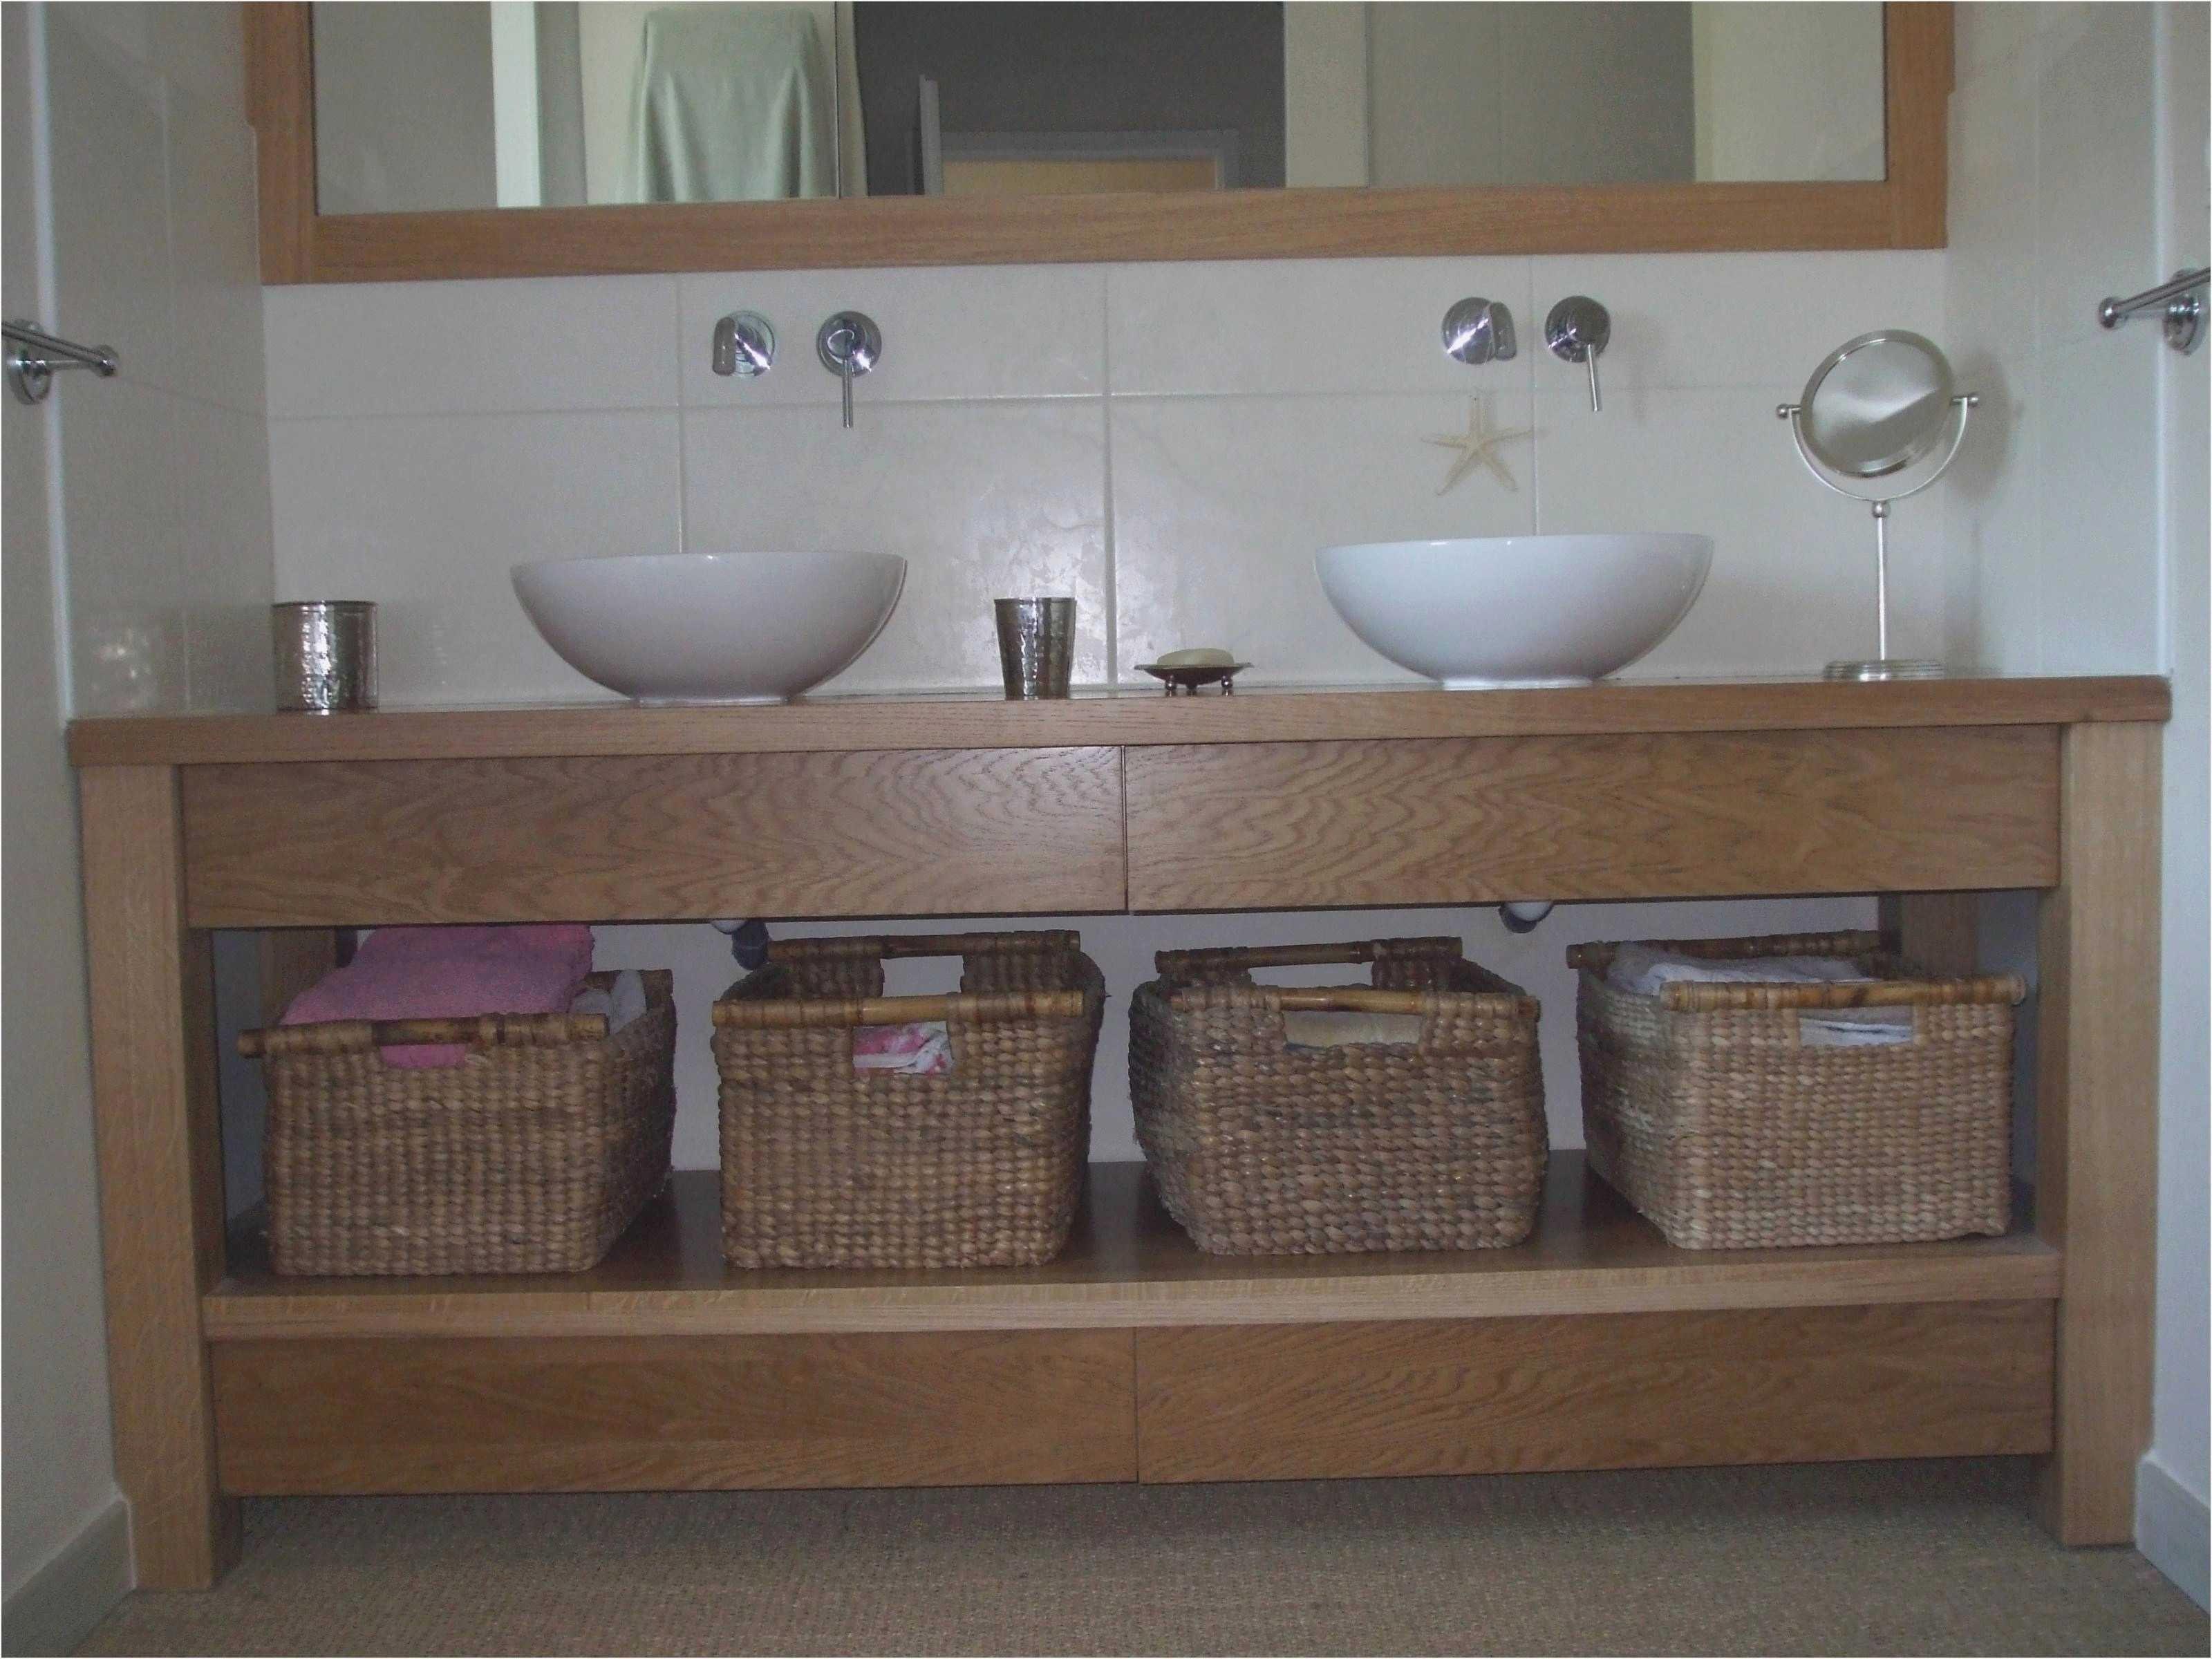 Fabriquer Meuble Salle De Bain Pas Cher Inspirant Photos Meuble Colonne Salle De Bain Archives Bain